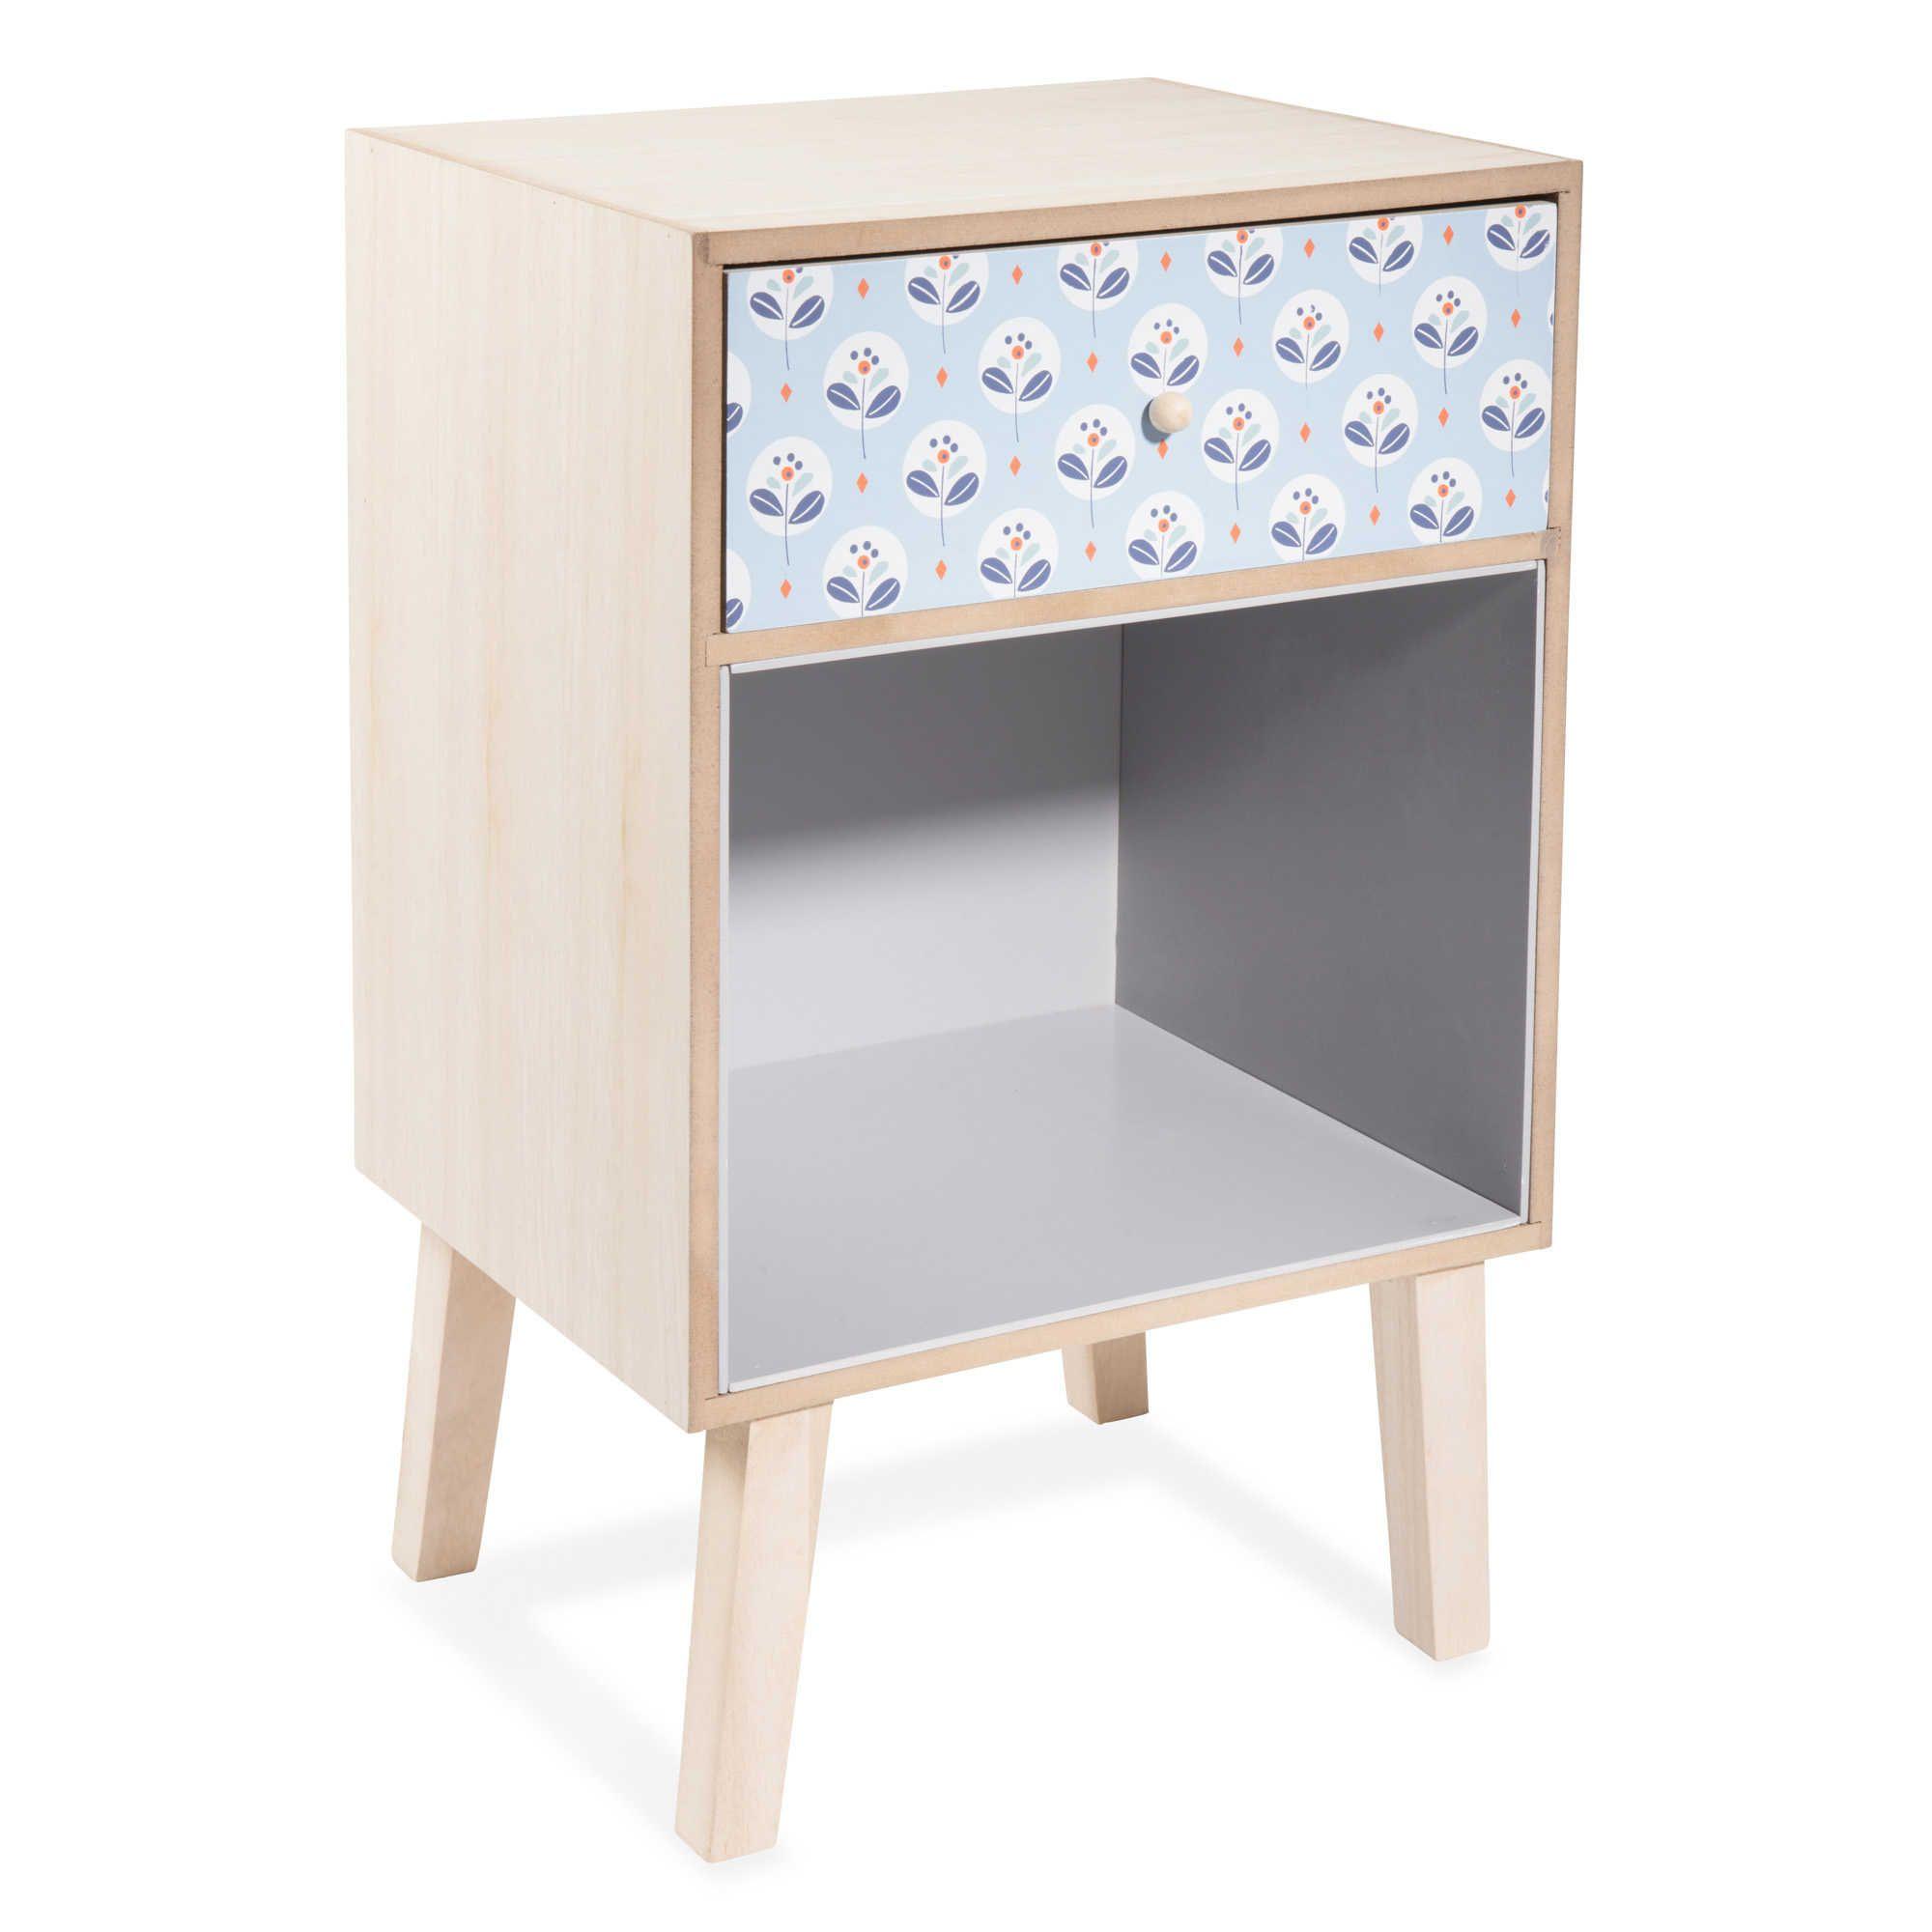 table de chevet avec tiroir en bois bleu l 25 cm paolo label paris home. Black Bedroom Furniture Sets. Home Design Ideas